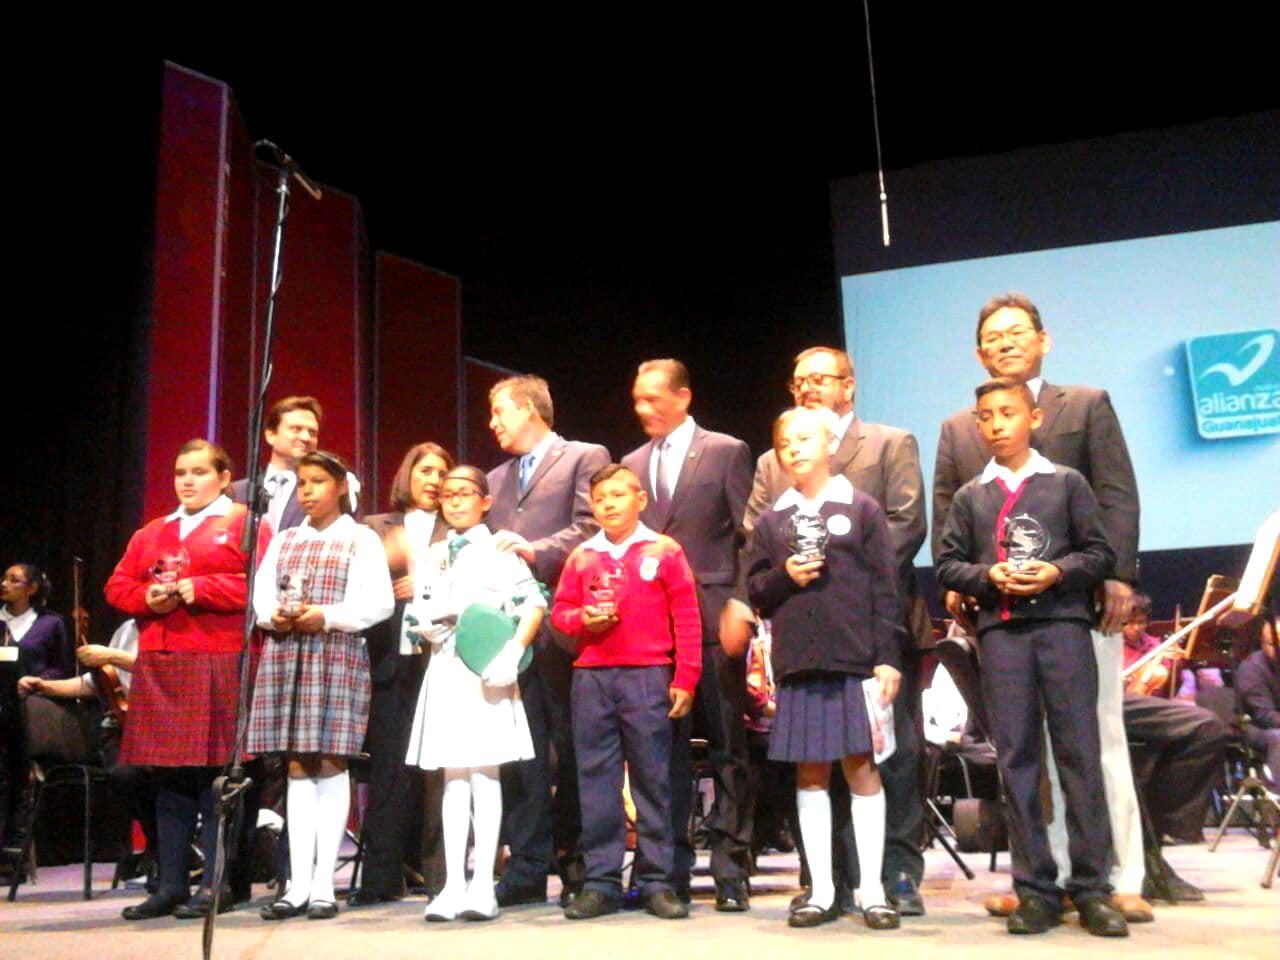 ProMusica Children's Orchestra in Guanajuato